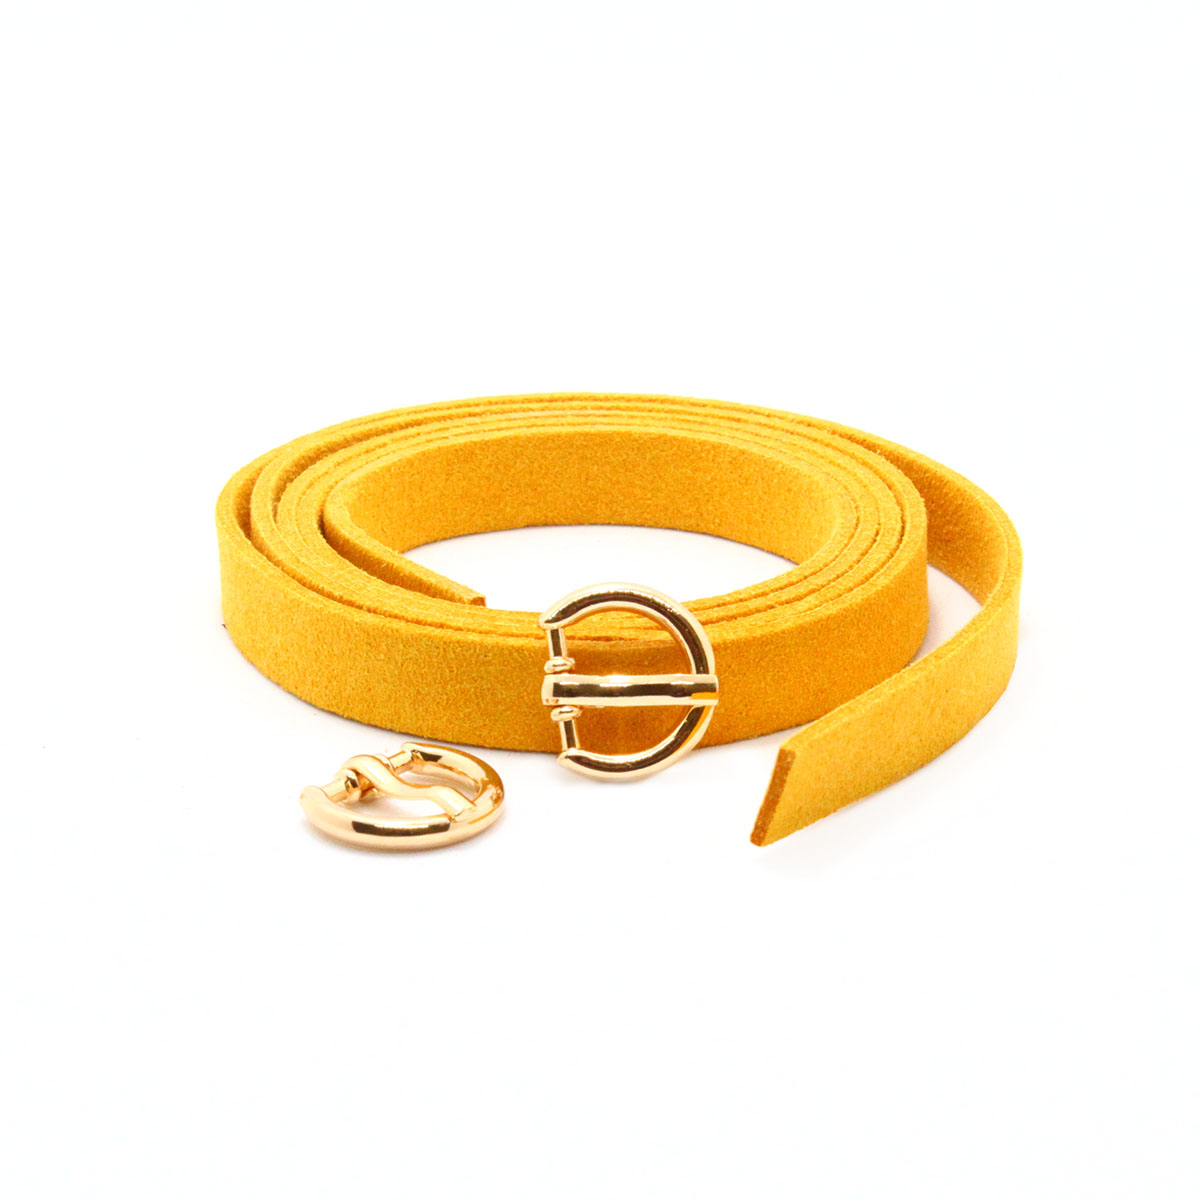 28849 Ремешок горч. из иск.замши 0,9см*0,8м. + пряжка мини С3370 золото упак/2 шт